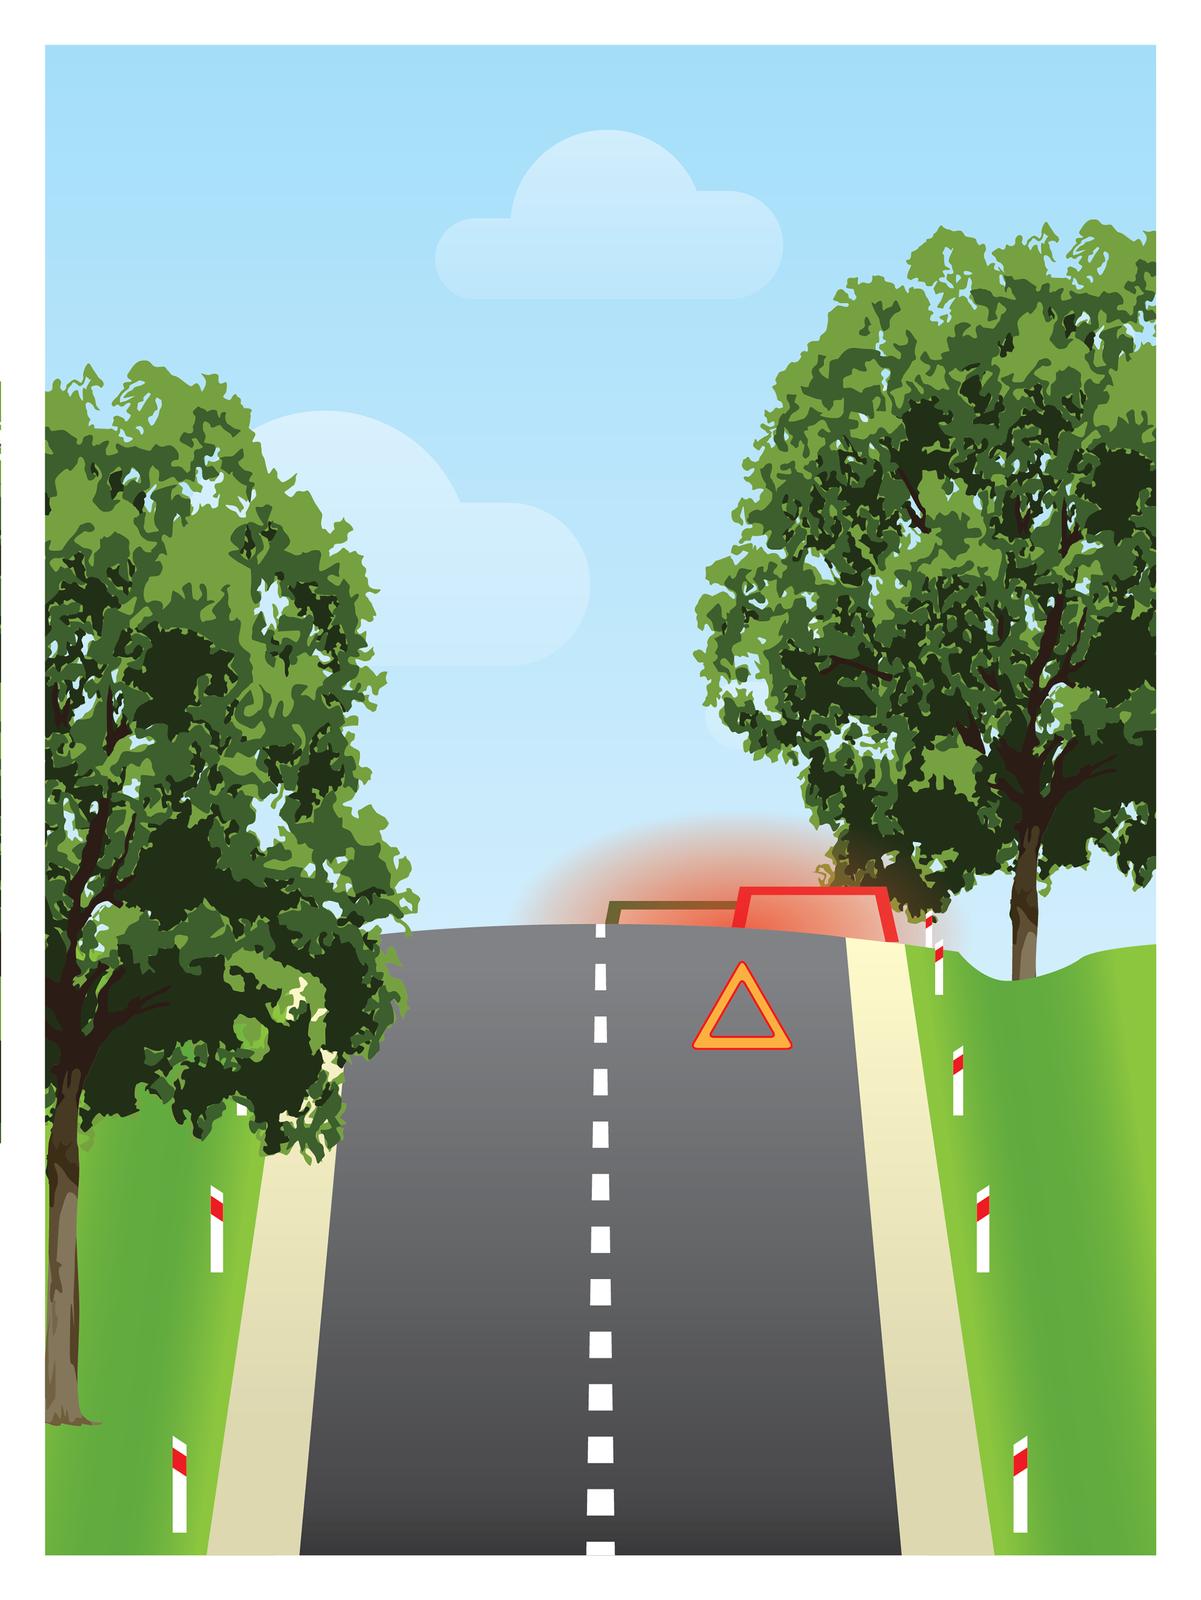 Galeria składa się zczterech rysunków ilustrujących sposób oznaczania miejsca wypadku. Rysunek numer cztery przedstawia oznakowanie miejsca wypadku mającego miejsce za wzniesieniem. Wodróżnieniu od poprzednich ilustracji ta przedstawia miejsce zdarzenia wrzucie perspektywicznym od strony nadjeżdżającego trzeciego, hipotetycznego pojazdu. Na pierwszym planie droga kończąca się wzniesieniem, po obu stronach ilustracji jasnożółte pobocze izielona trawa, słupki drogowe ipo jednym drzewie zkażdej strony drogi. Tuż przed szczytem wzniesienia na pasie ruchu zprawej strony stoi pomarańczowy trójkąt, za wzniesieniem widoczne dachy dwóch pojazdów iczerwonawa owalna łuna światła.